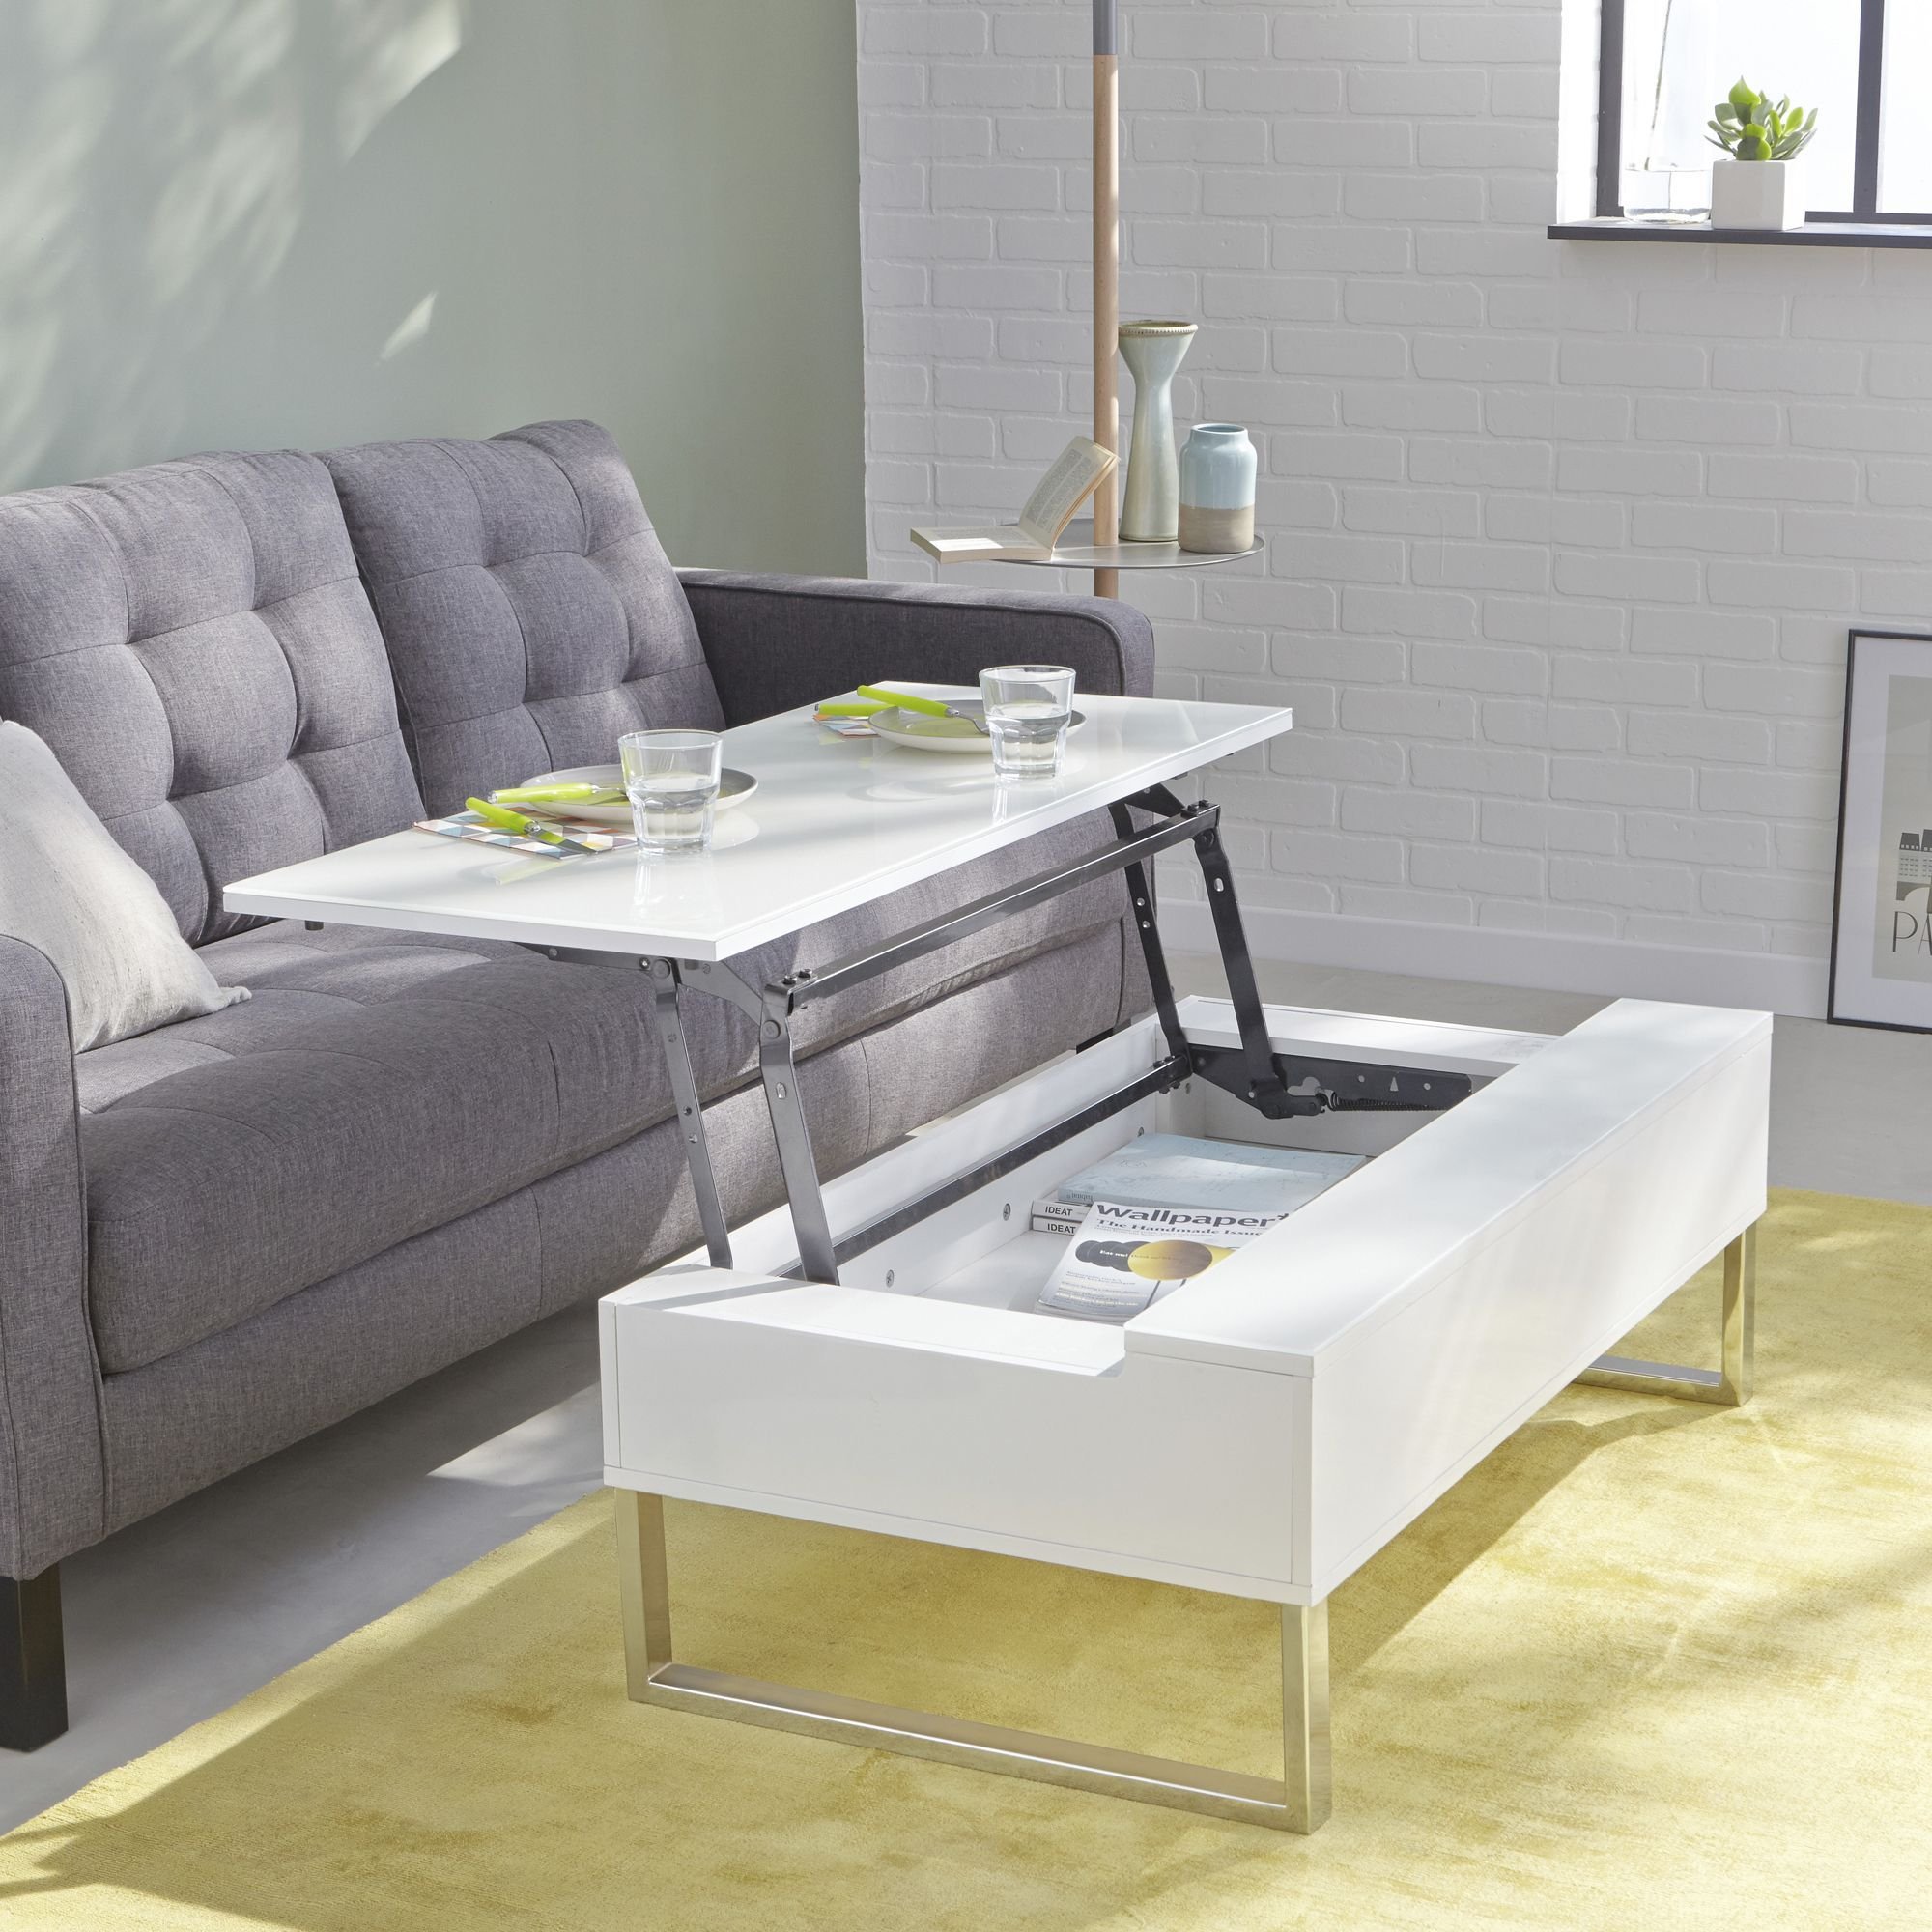 Alinea : Novy Table Basse Blanche Avec Tablette Relevable ... intérieur Table Basse Alinea